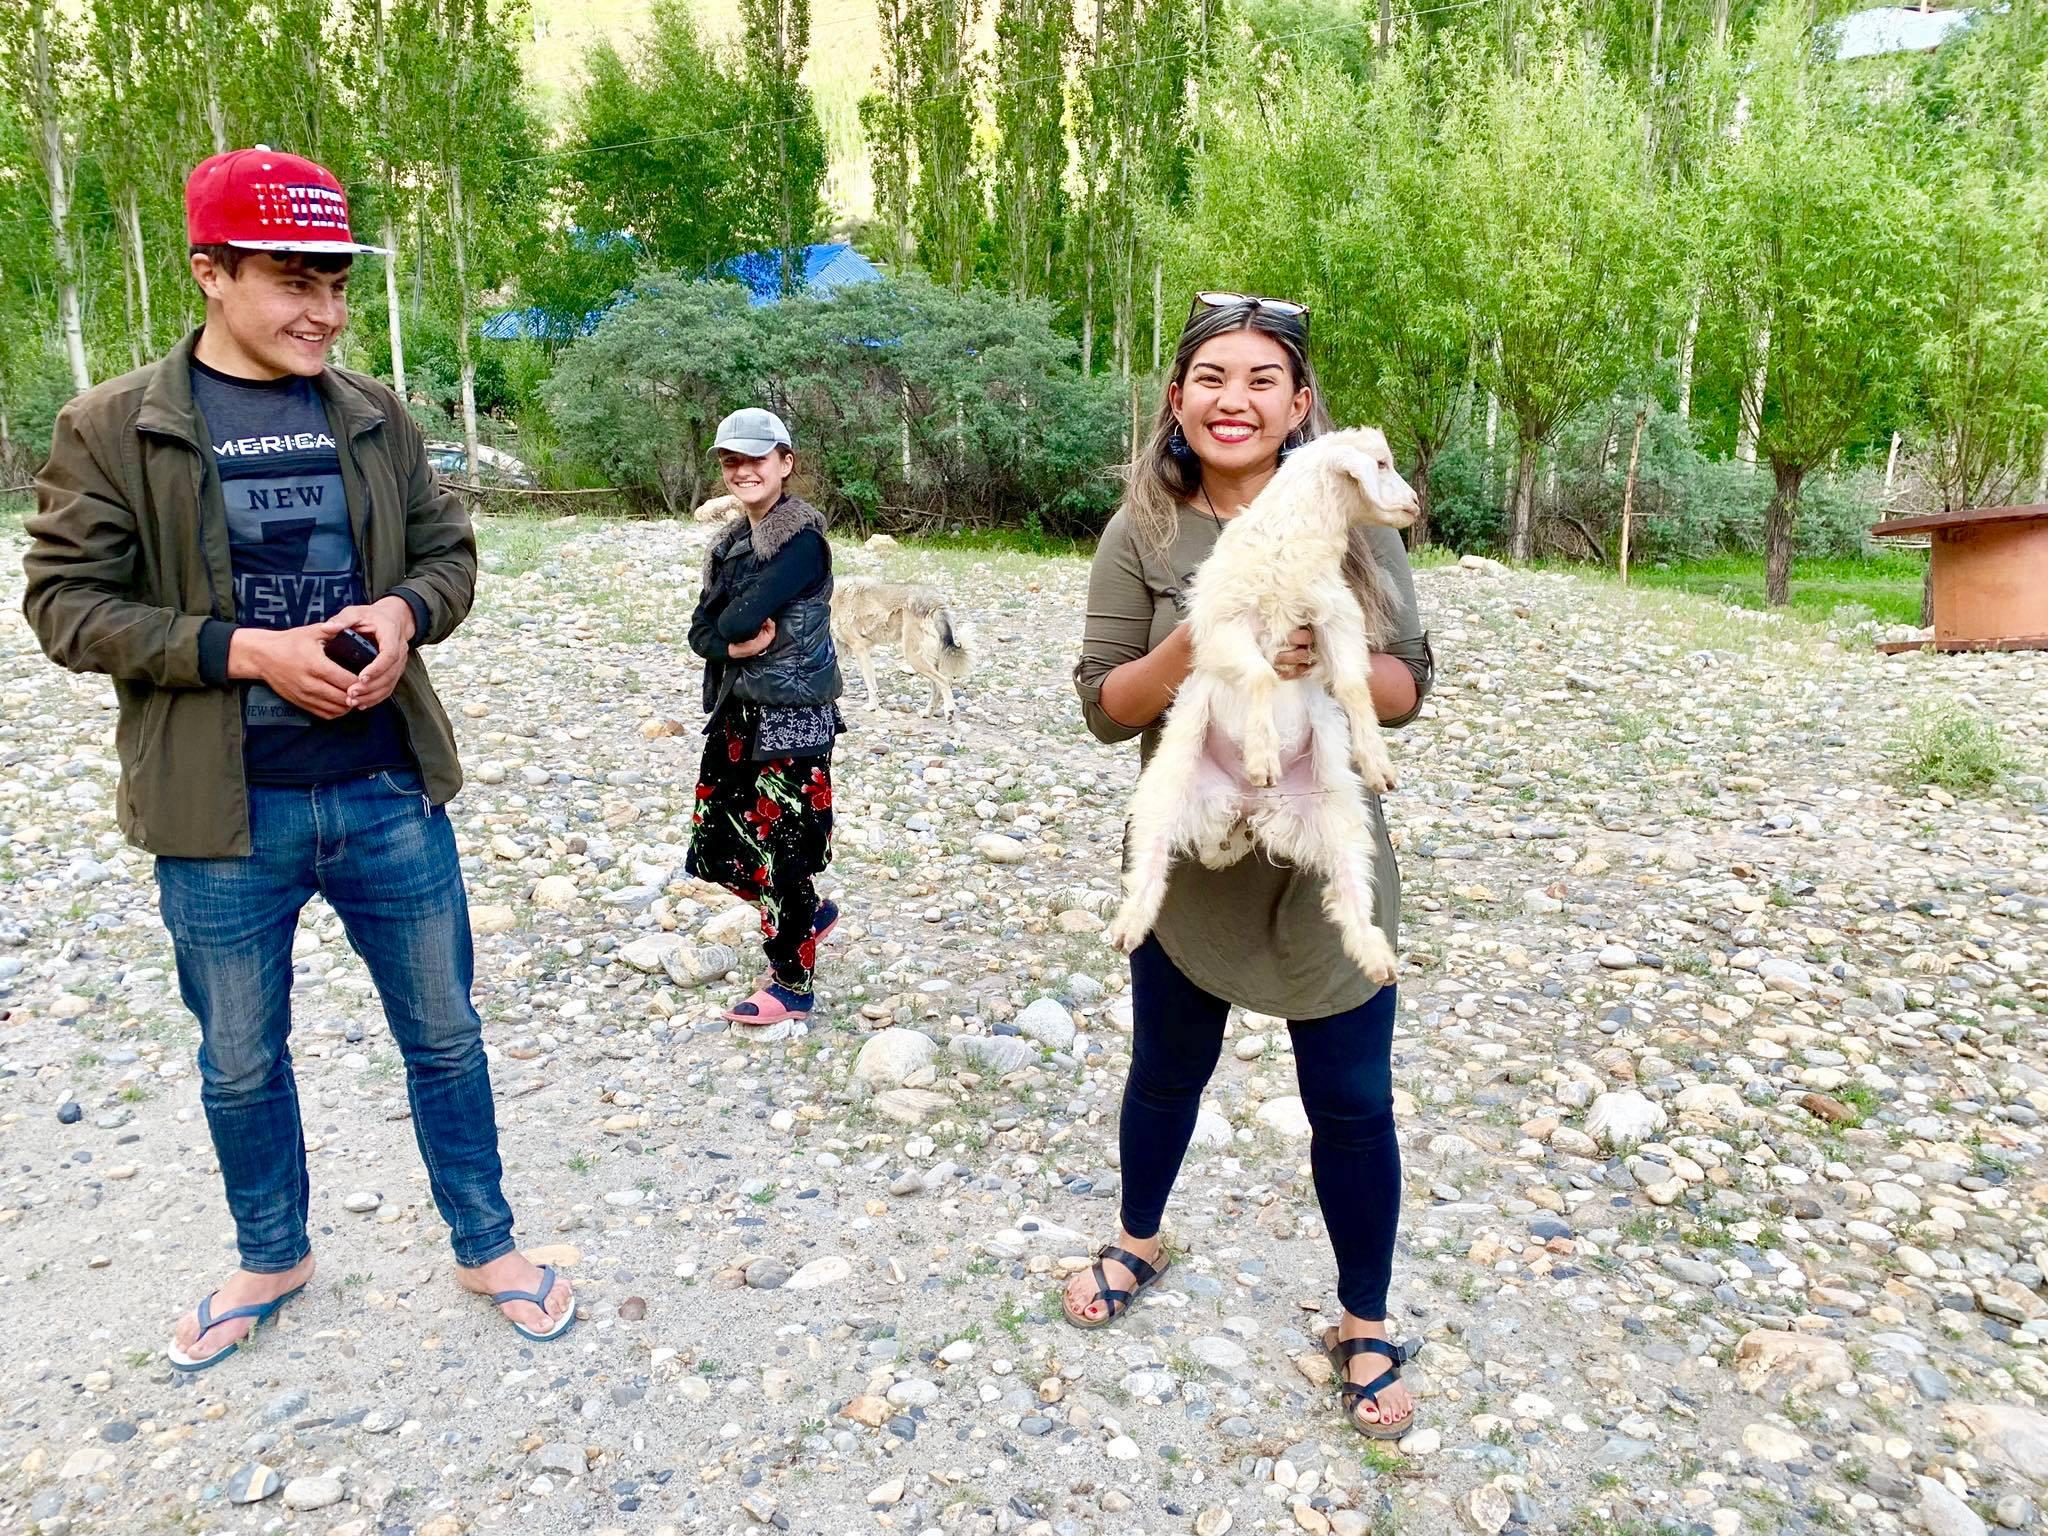 Kach Solo Travels in 2019 Pamir Highway Trip in Tajikistan33.jpg